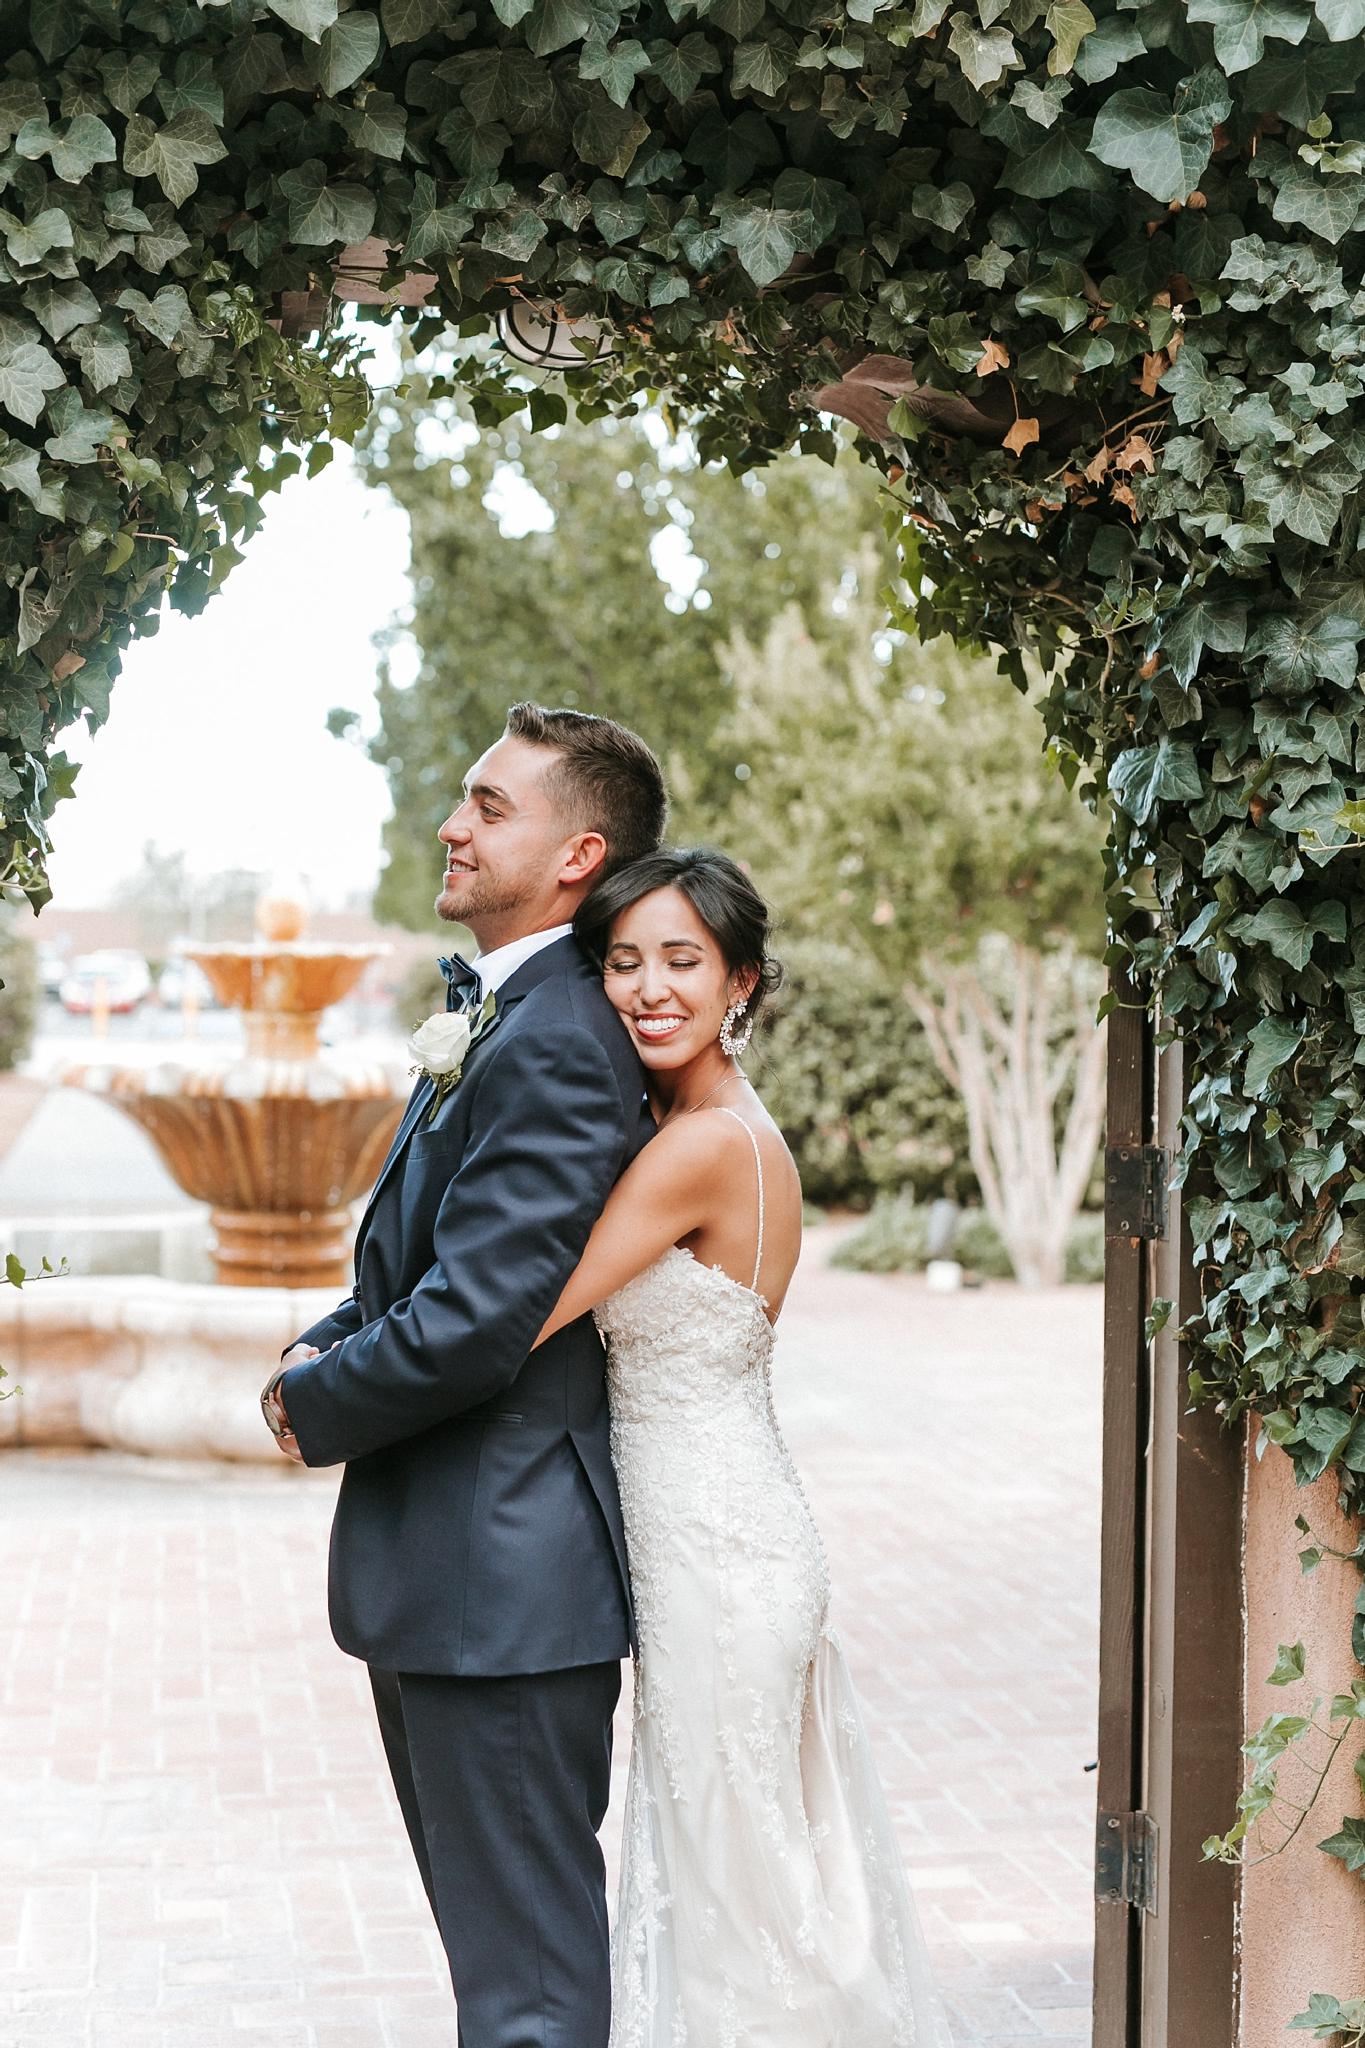 Alicia+lucia+photography+-+albuquerque+wedding+photographer+-+santa+fe+wedding+photography+-+new+mexico+wedding+photographer+-+new+mexico+wedding+-+albuquerque+wedding+-+santa+fe+wedding+-+wedding+romantics_0007.jpg